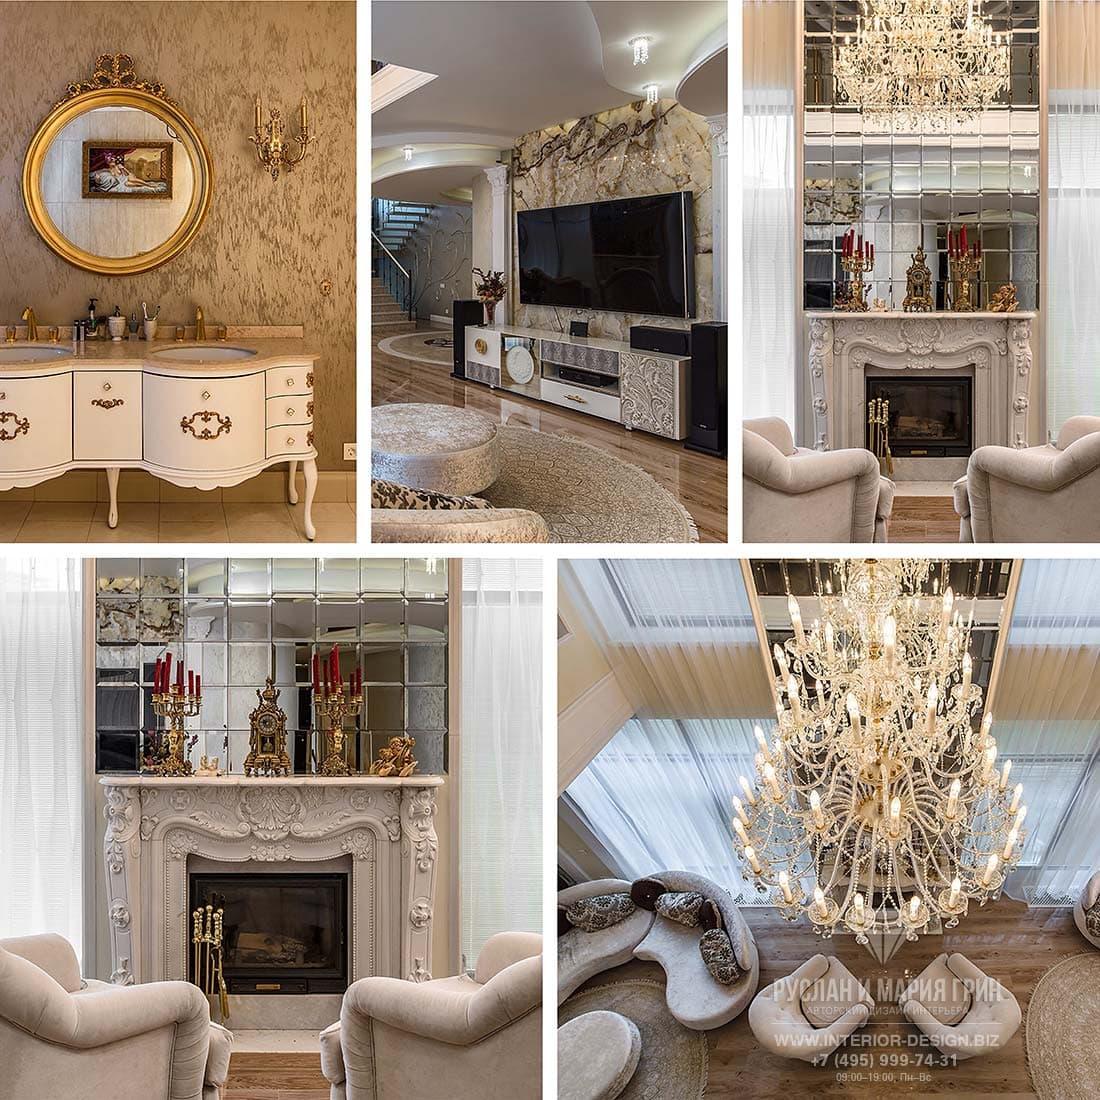 Красивые интерьера дома после дизайнерского ремонта